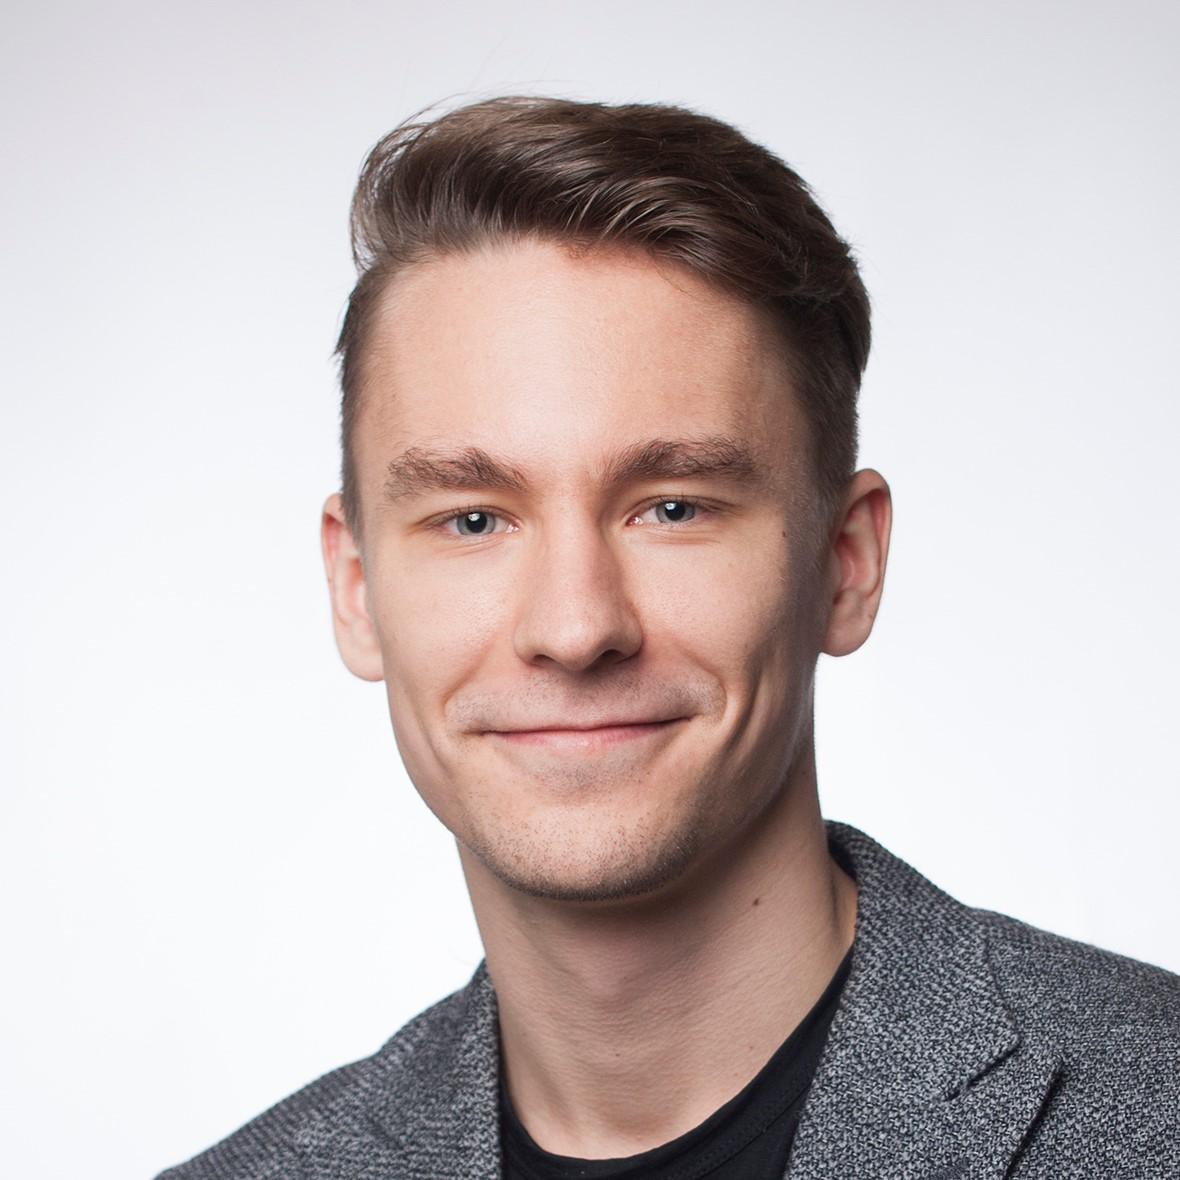 Mikael Karppinen | Data Scientist